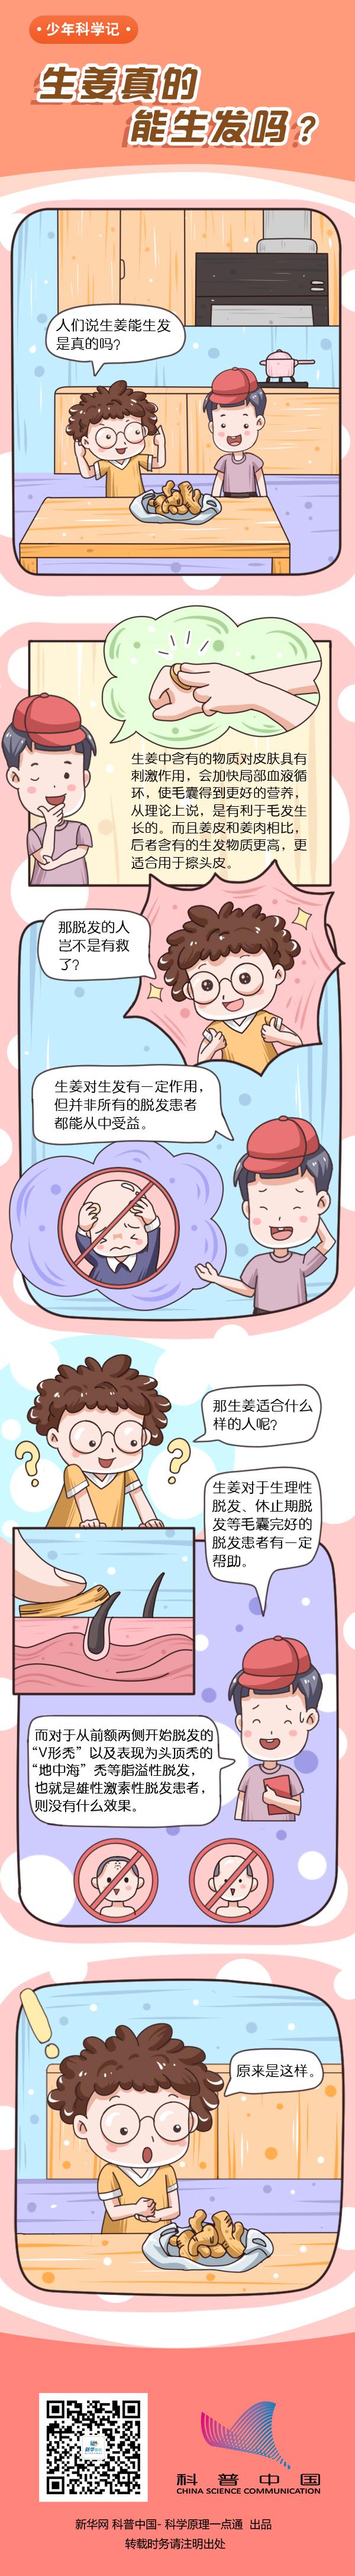 [少年科学记]生姜真的能生发吗?